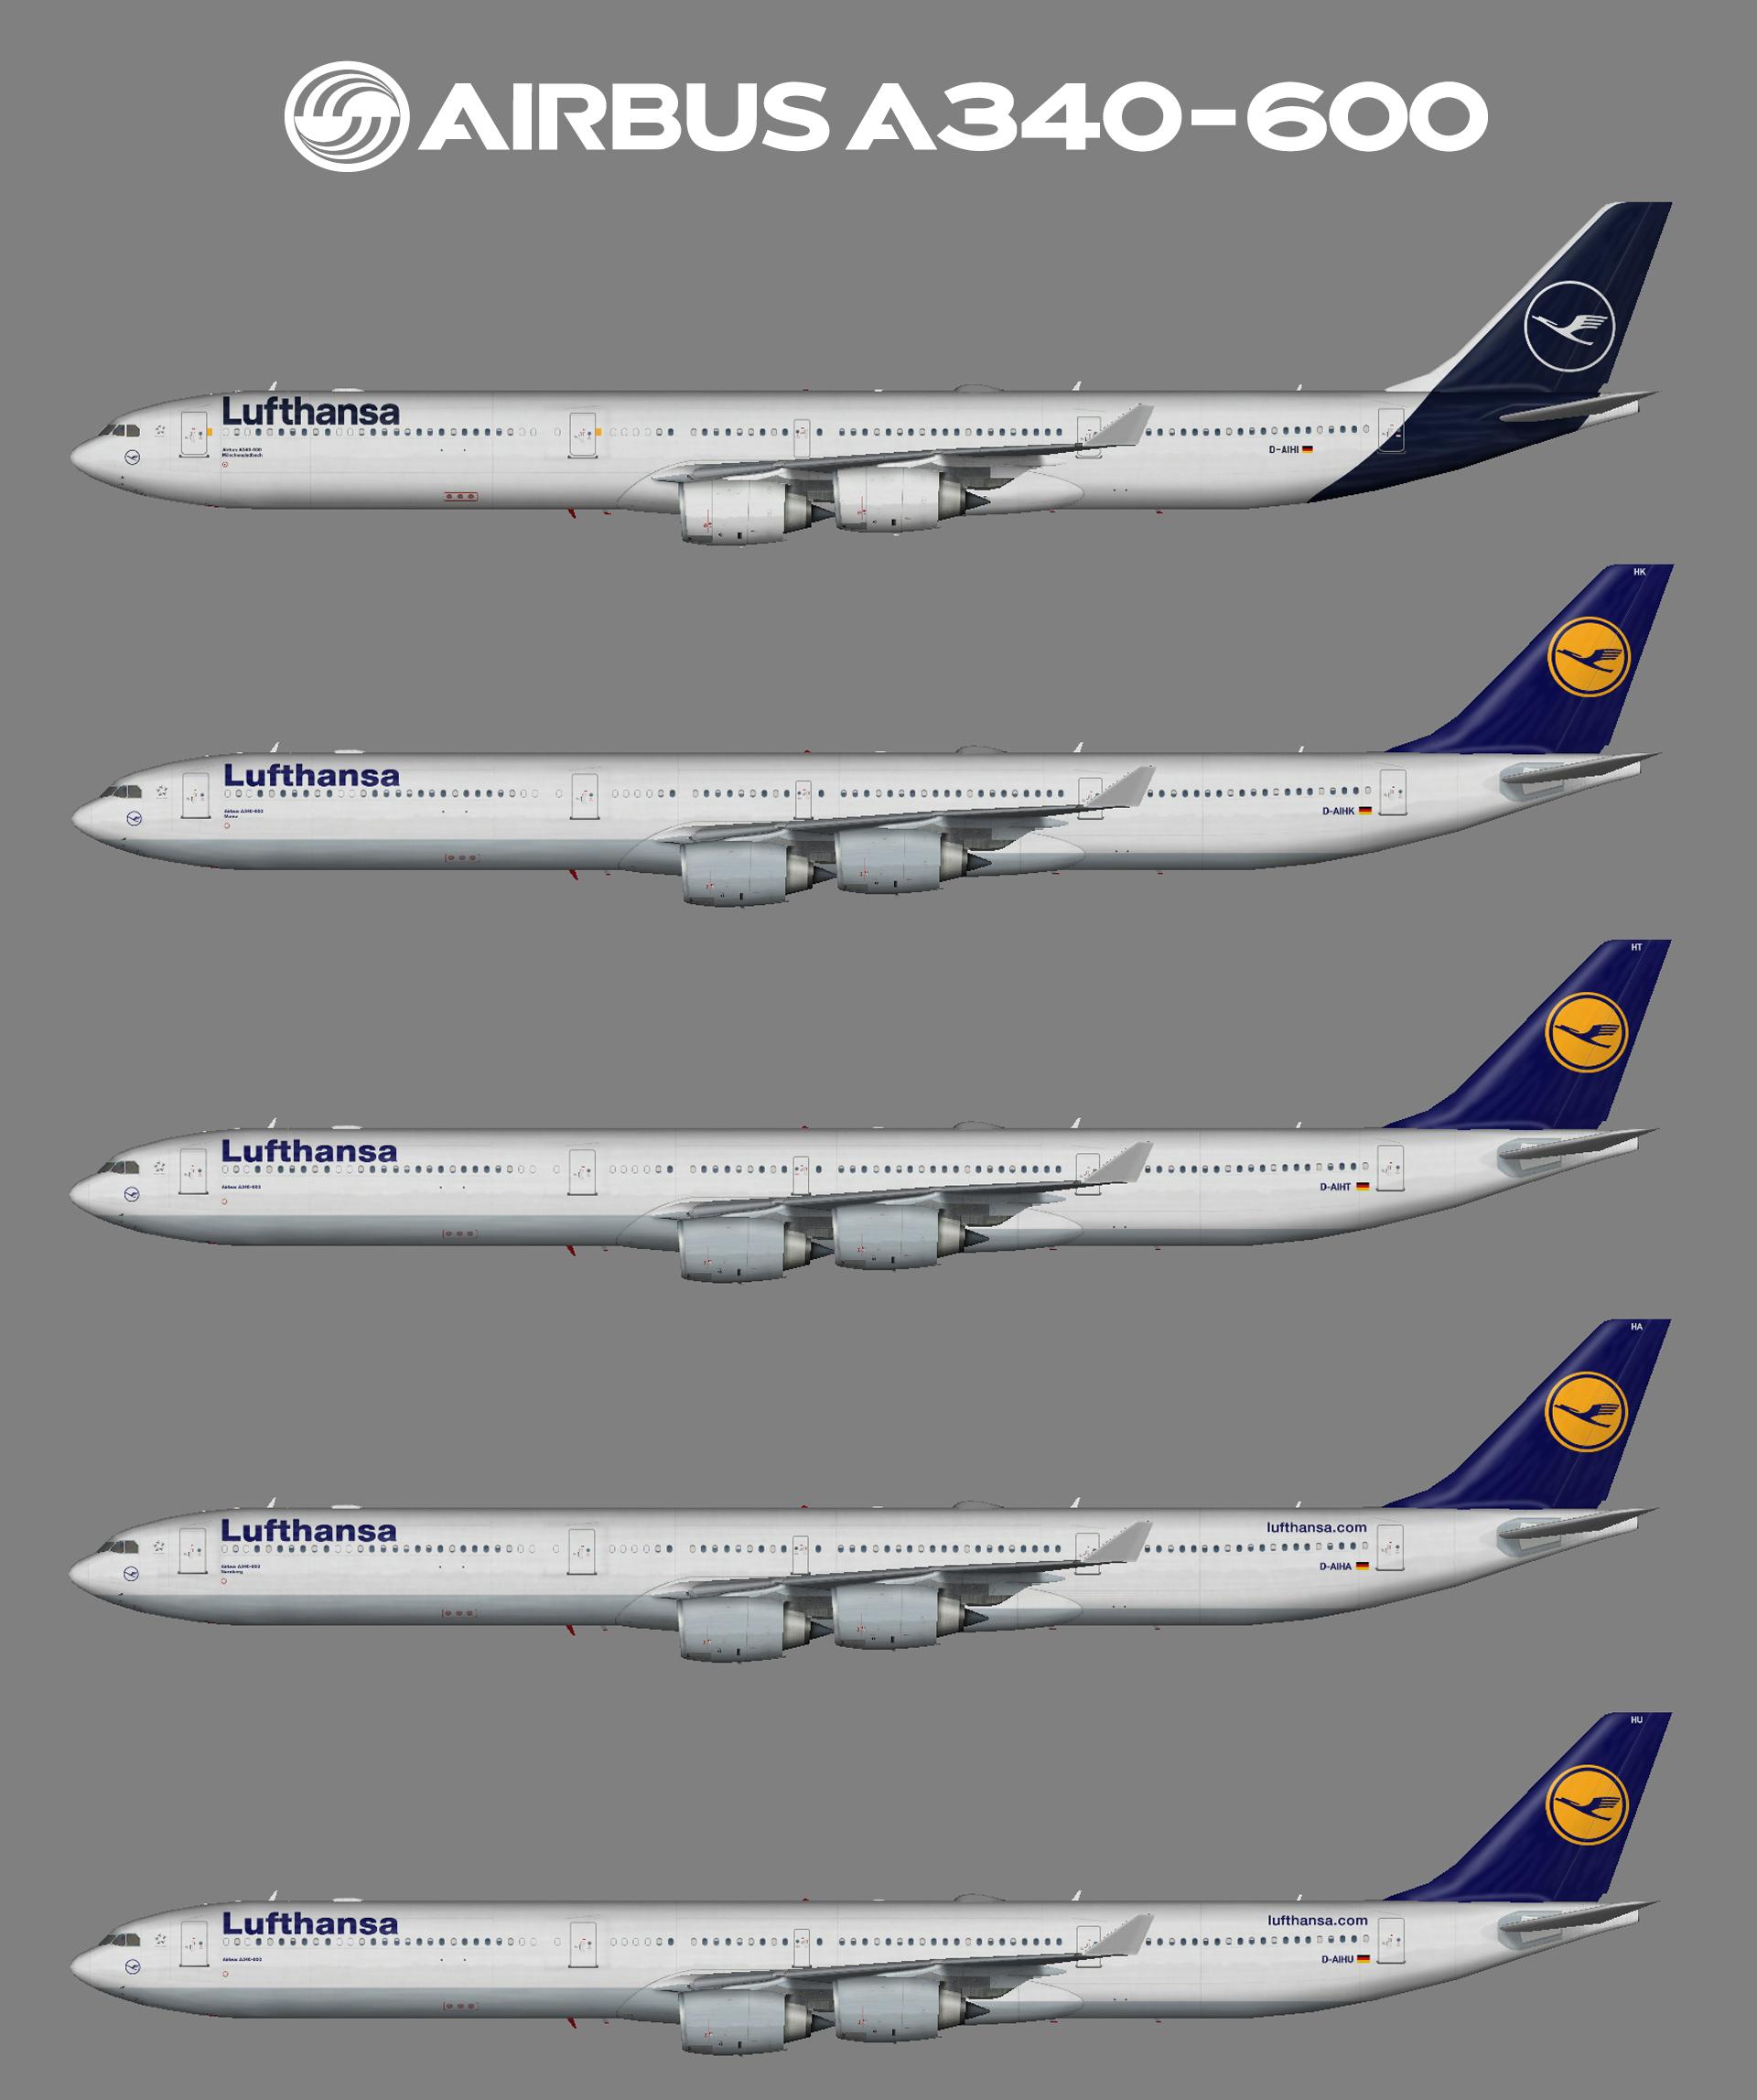 Lufthansa Airbus A340-600 (FSP)